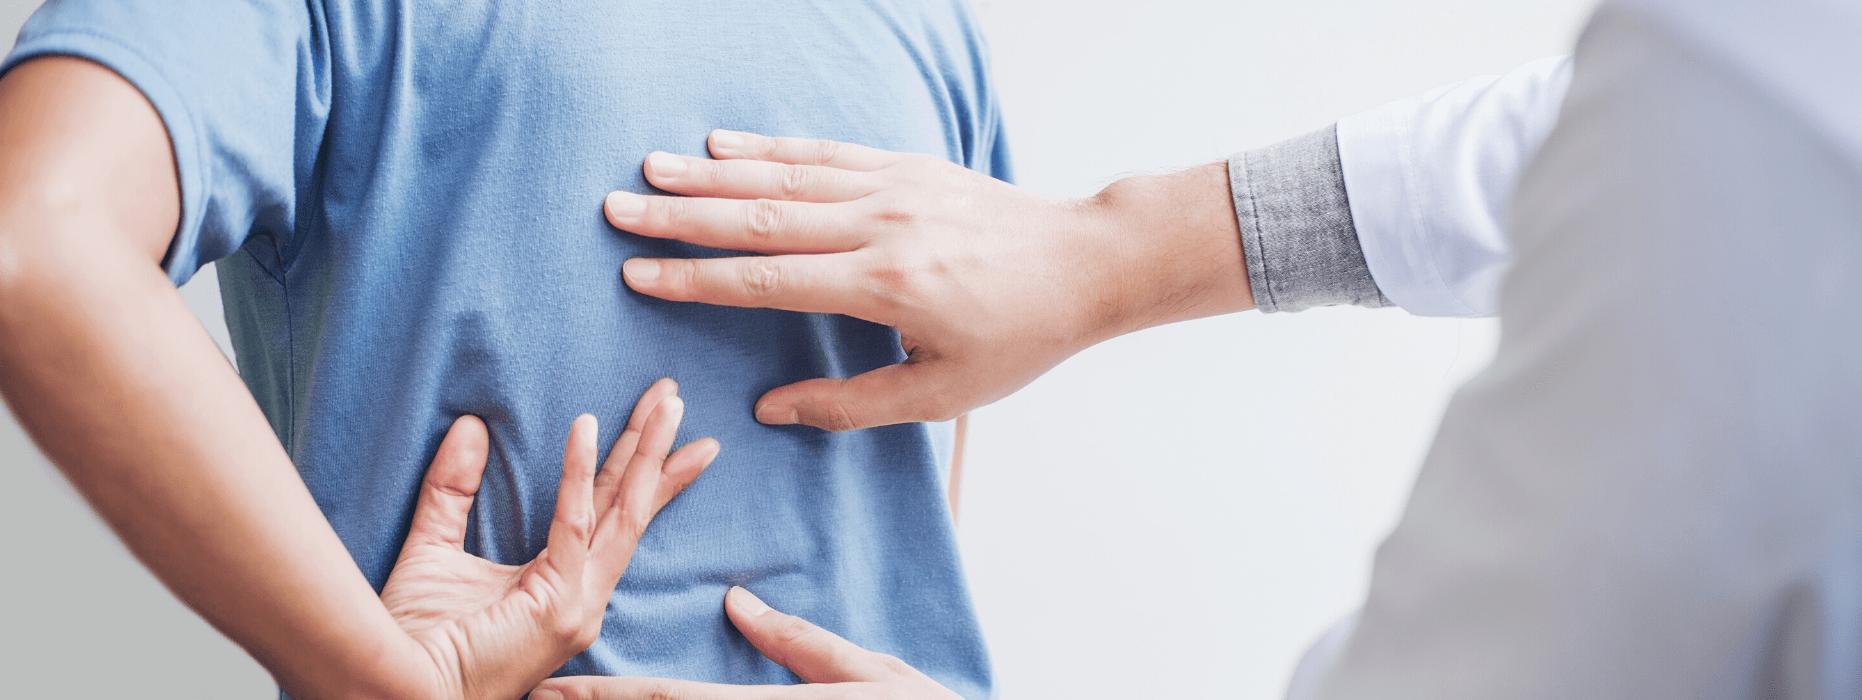 5 consejos infalibles para prevenir el dolor de espalda